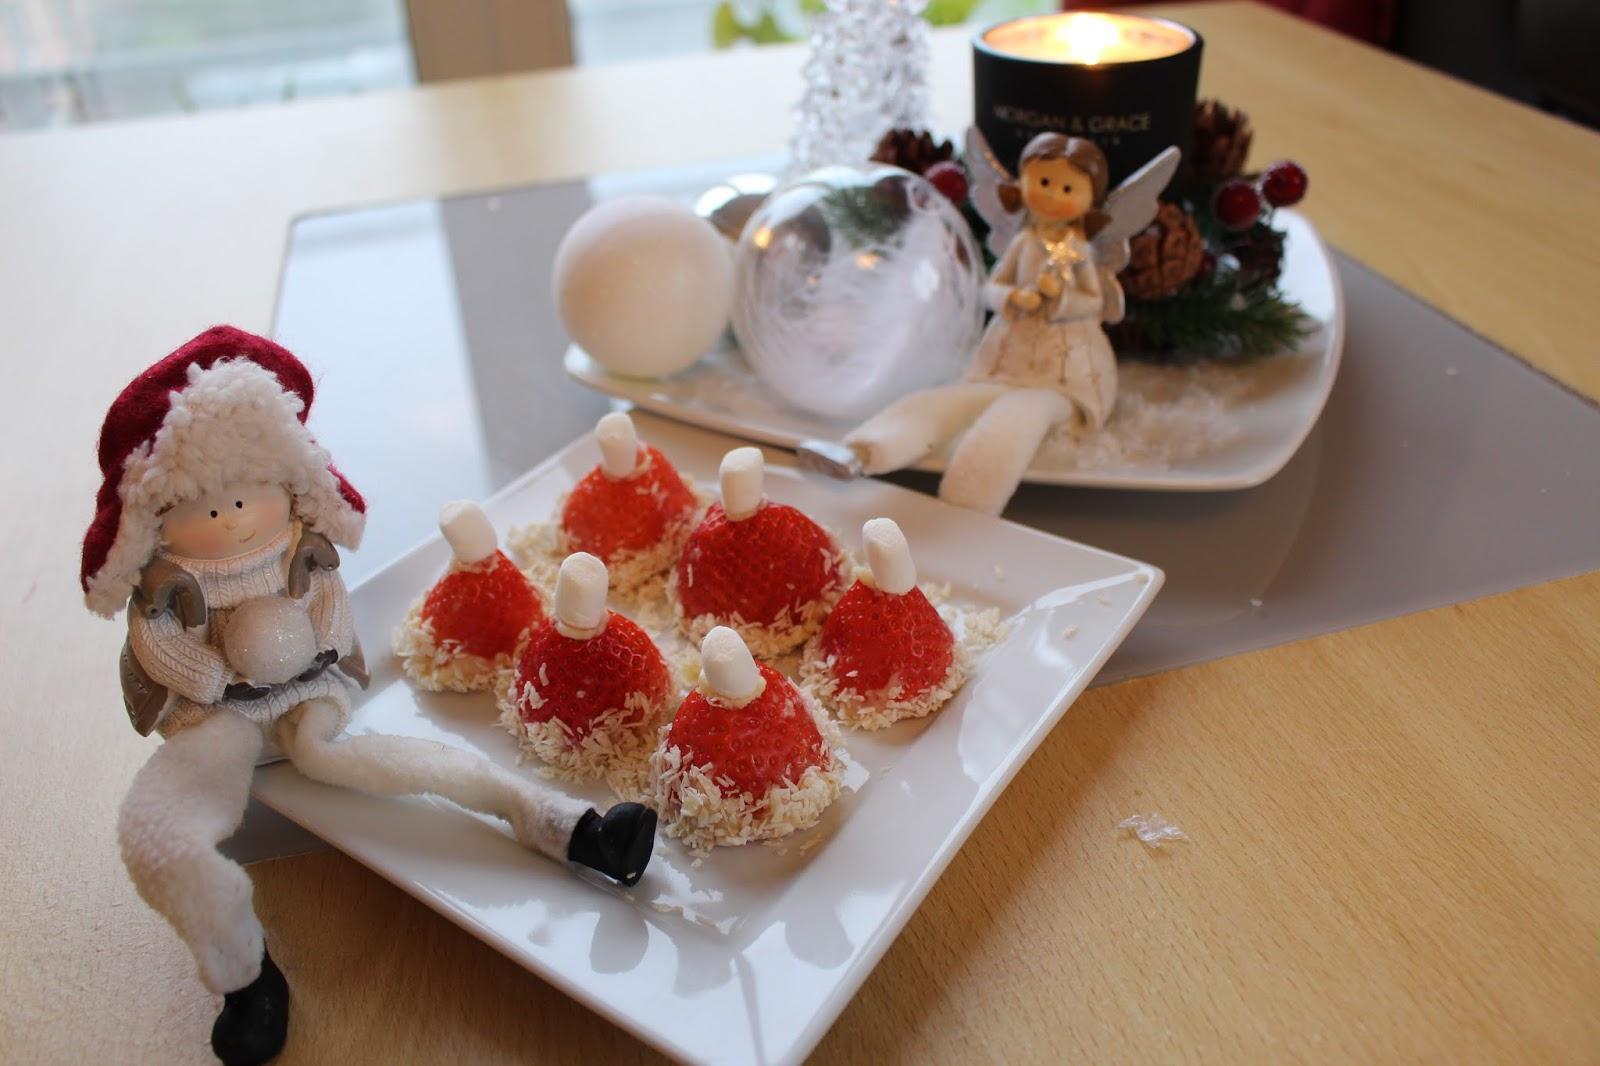 Vonbombom ideas de postres para navidad - Ideas para postres de navidad ...